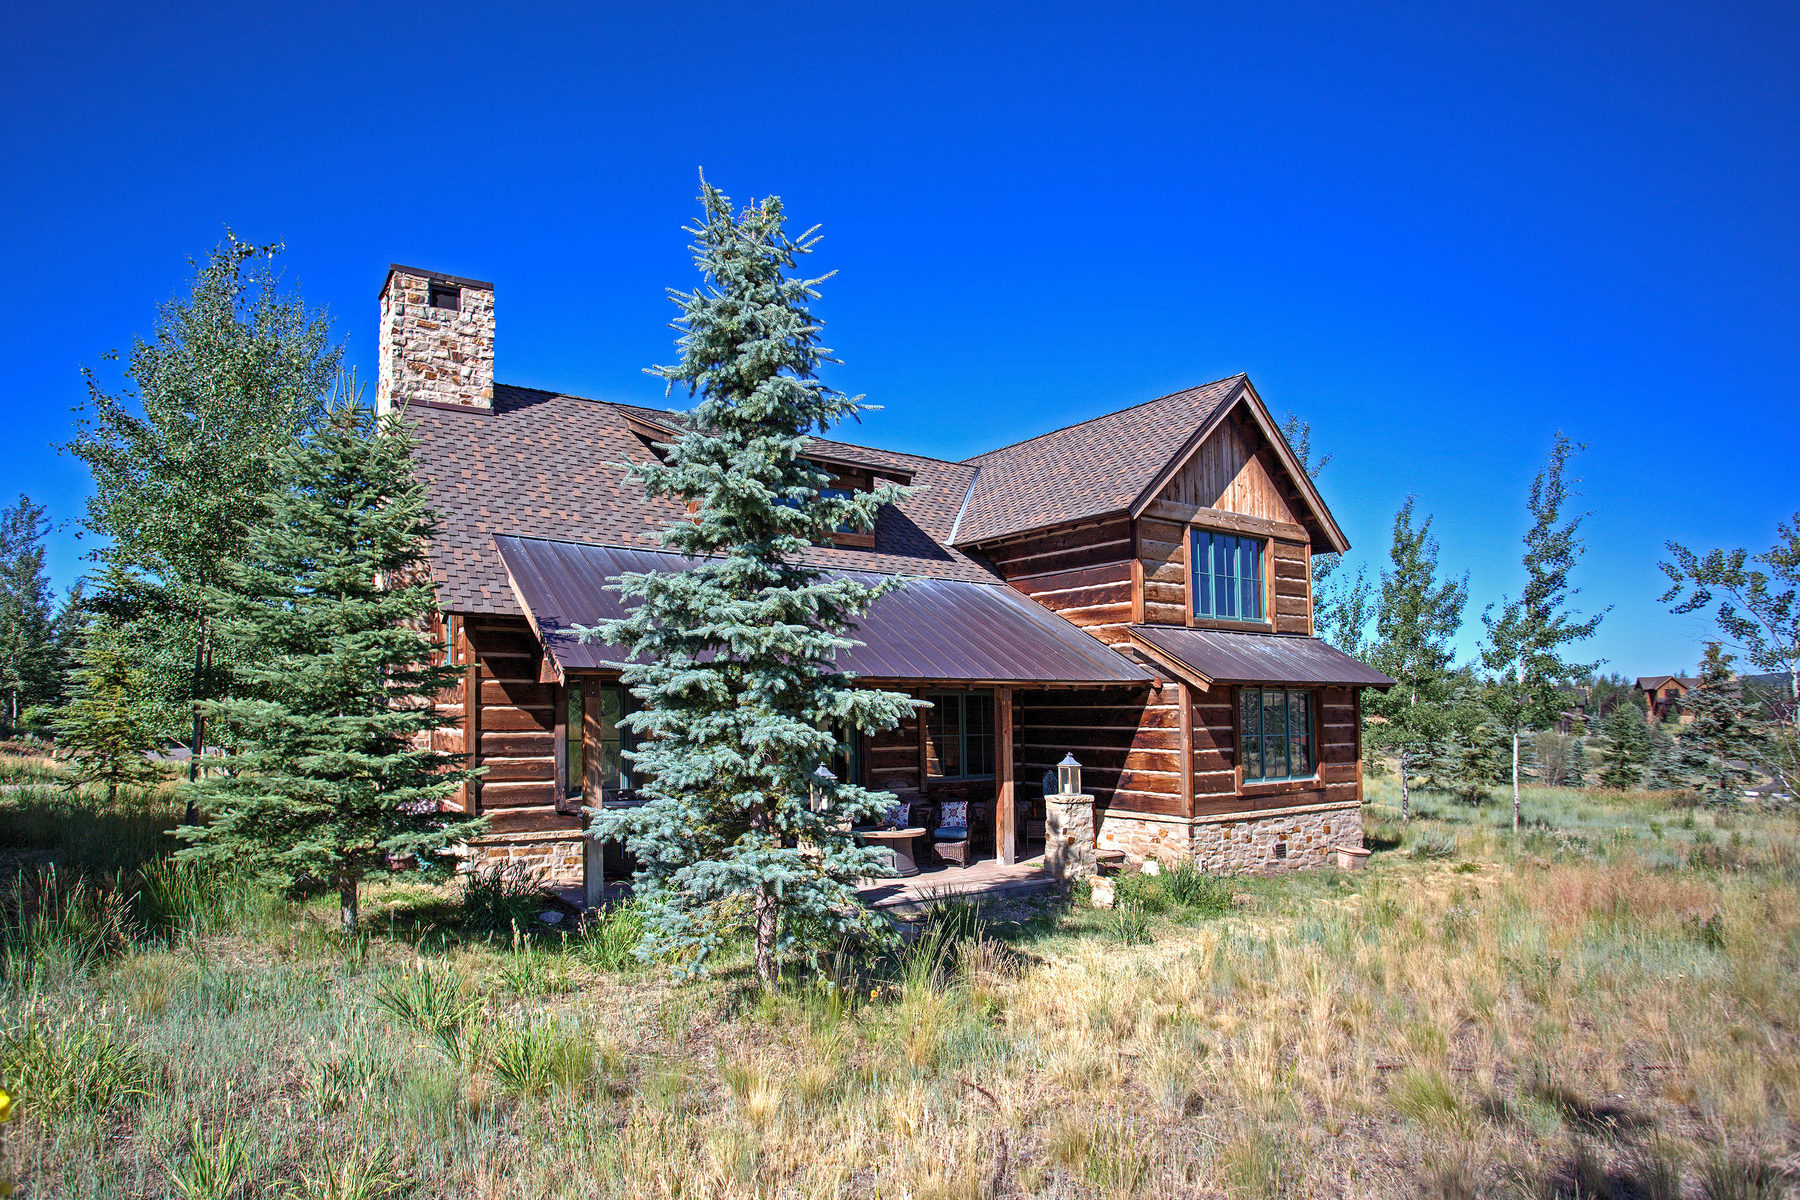 Einfamilienhaus für Verkauf beim Exclusive Setting in the Trapper Cabin Neighborhood 7933 Chuck Wagon Ct Lot 61 Park City, Utah, 84098 Vereinigte Staaten